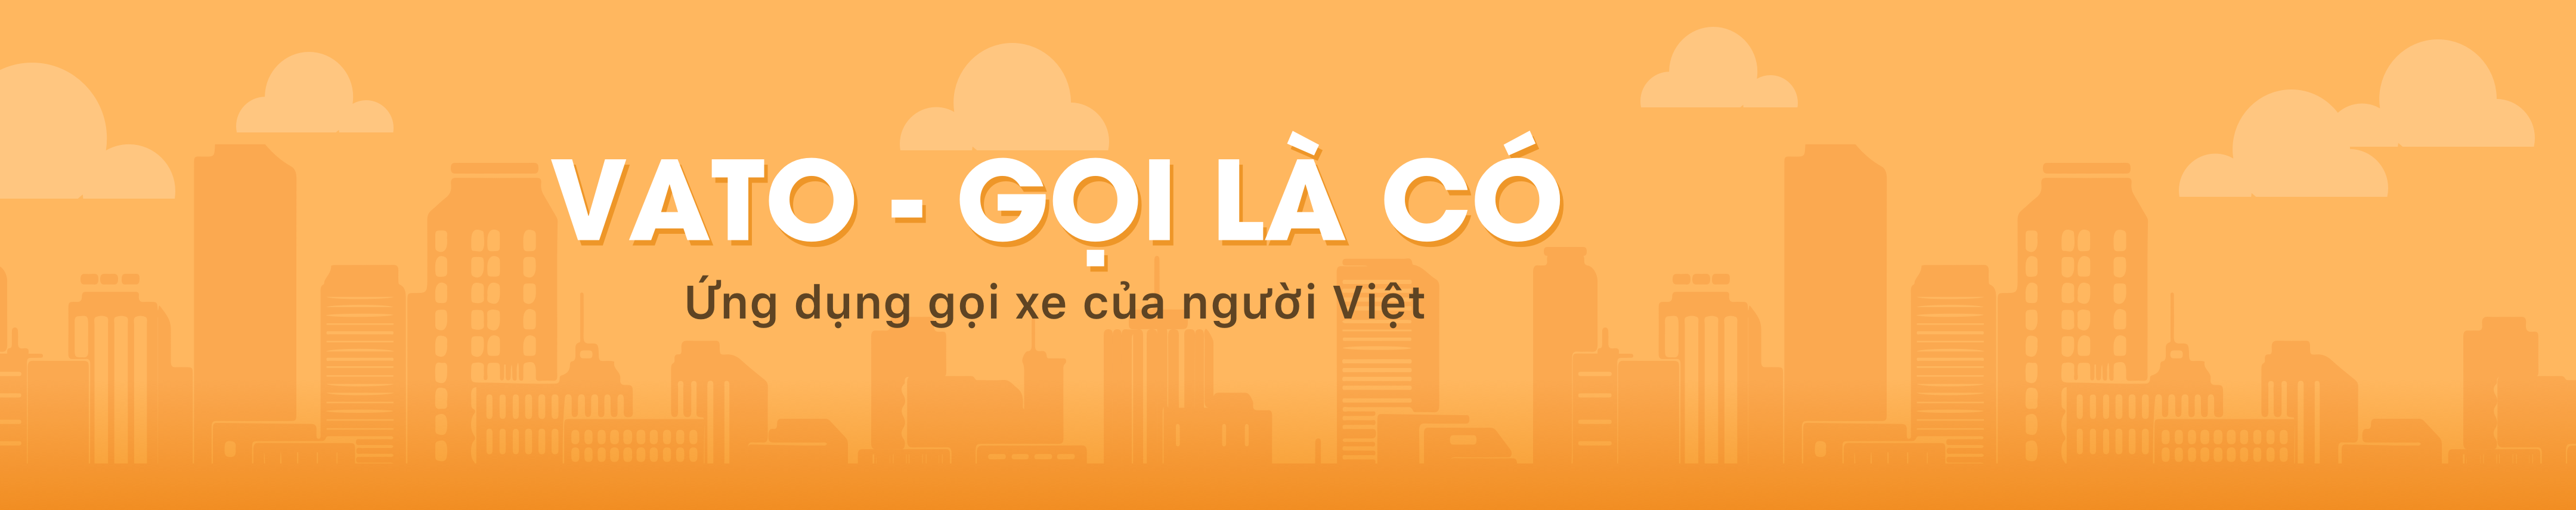 Vato - Ứng dụng gọi xe của người Việt